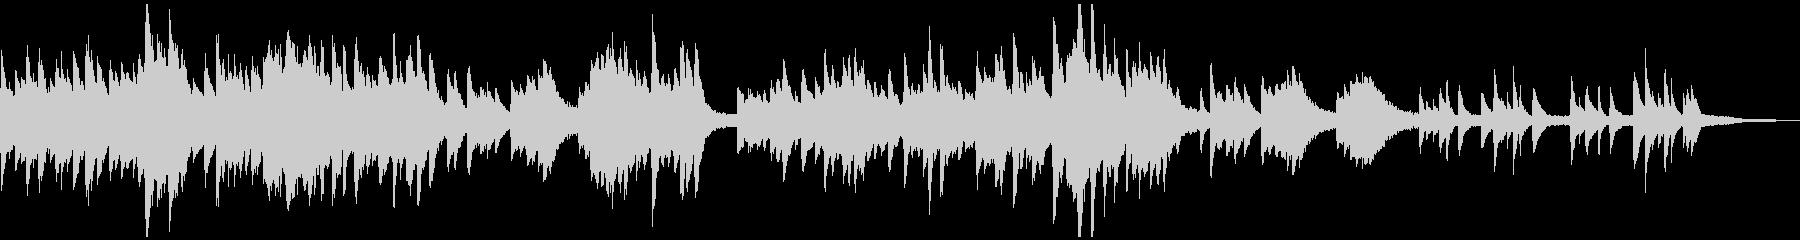 クリスマス・キャロルの感動的なソロピアノの未再生の波形